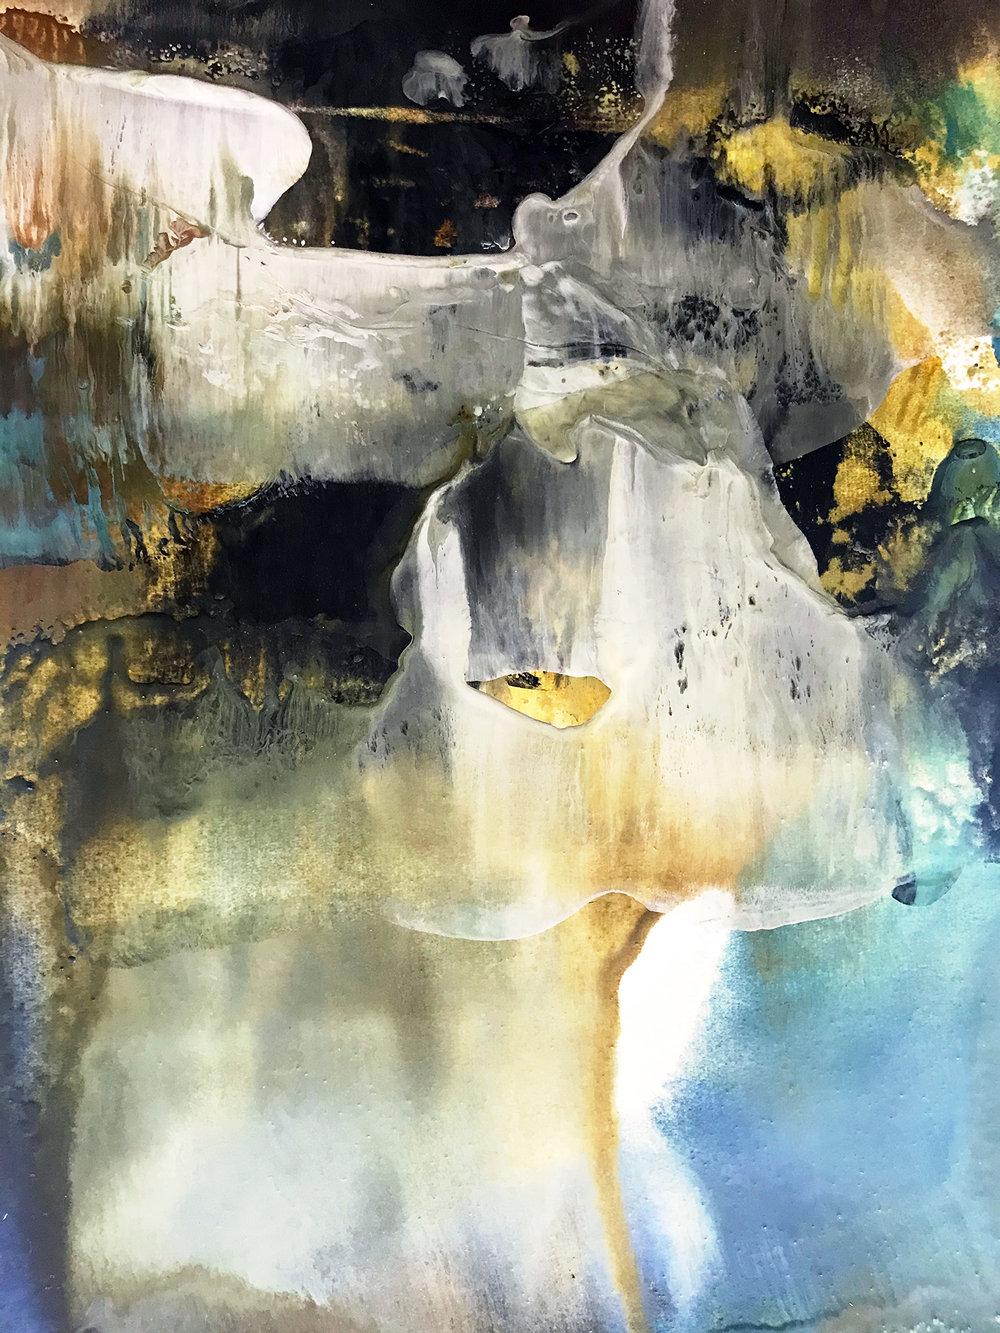 Cascade, 10.5x7.75